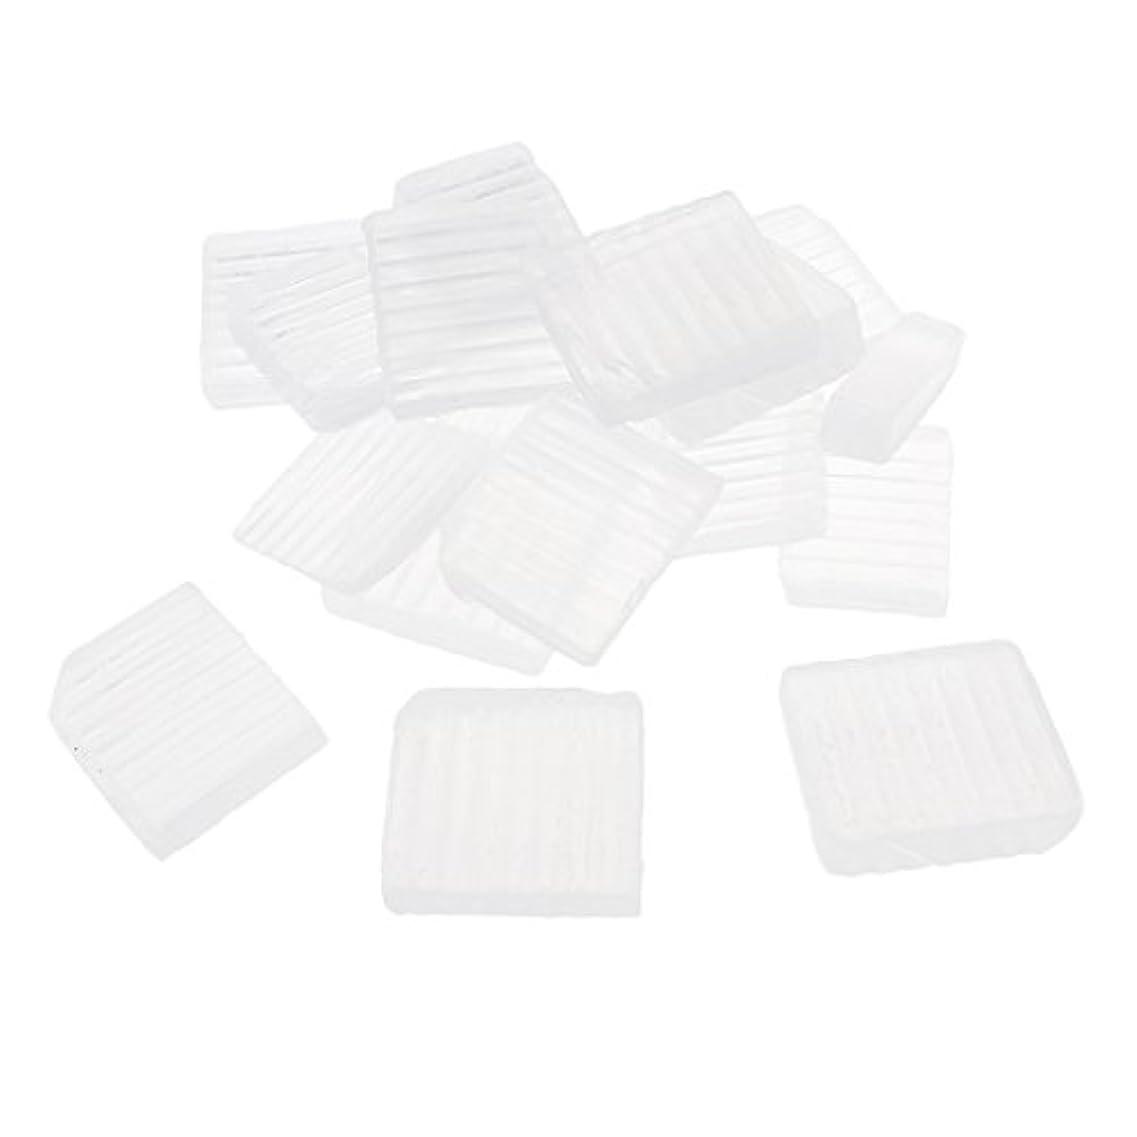 嫌がらせしないでください不適当石鹸ベース DIY 石鹸作り プアソープベース 石鹸クラフト 手作り 約1 KG